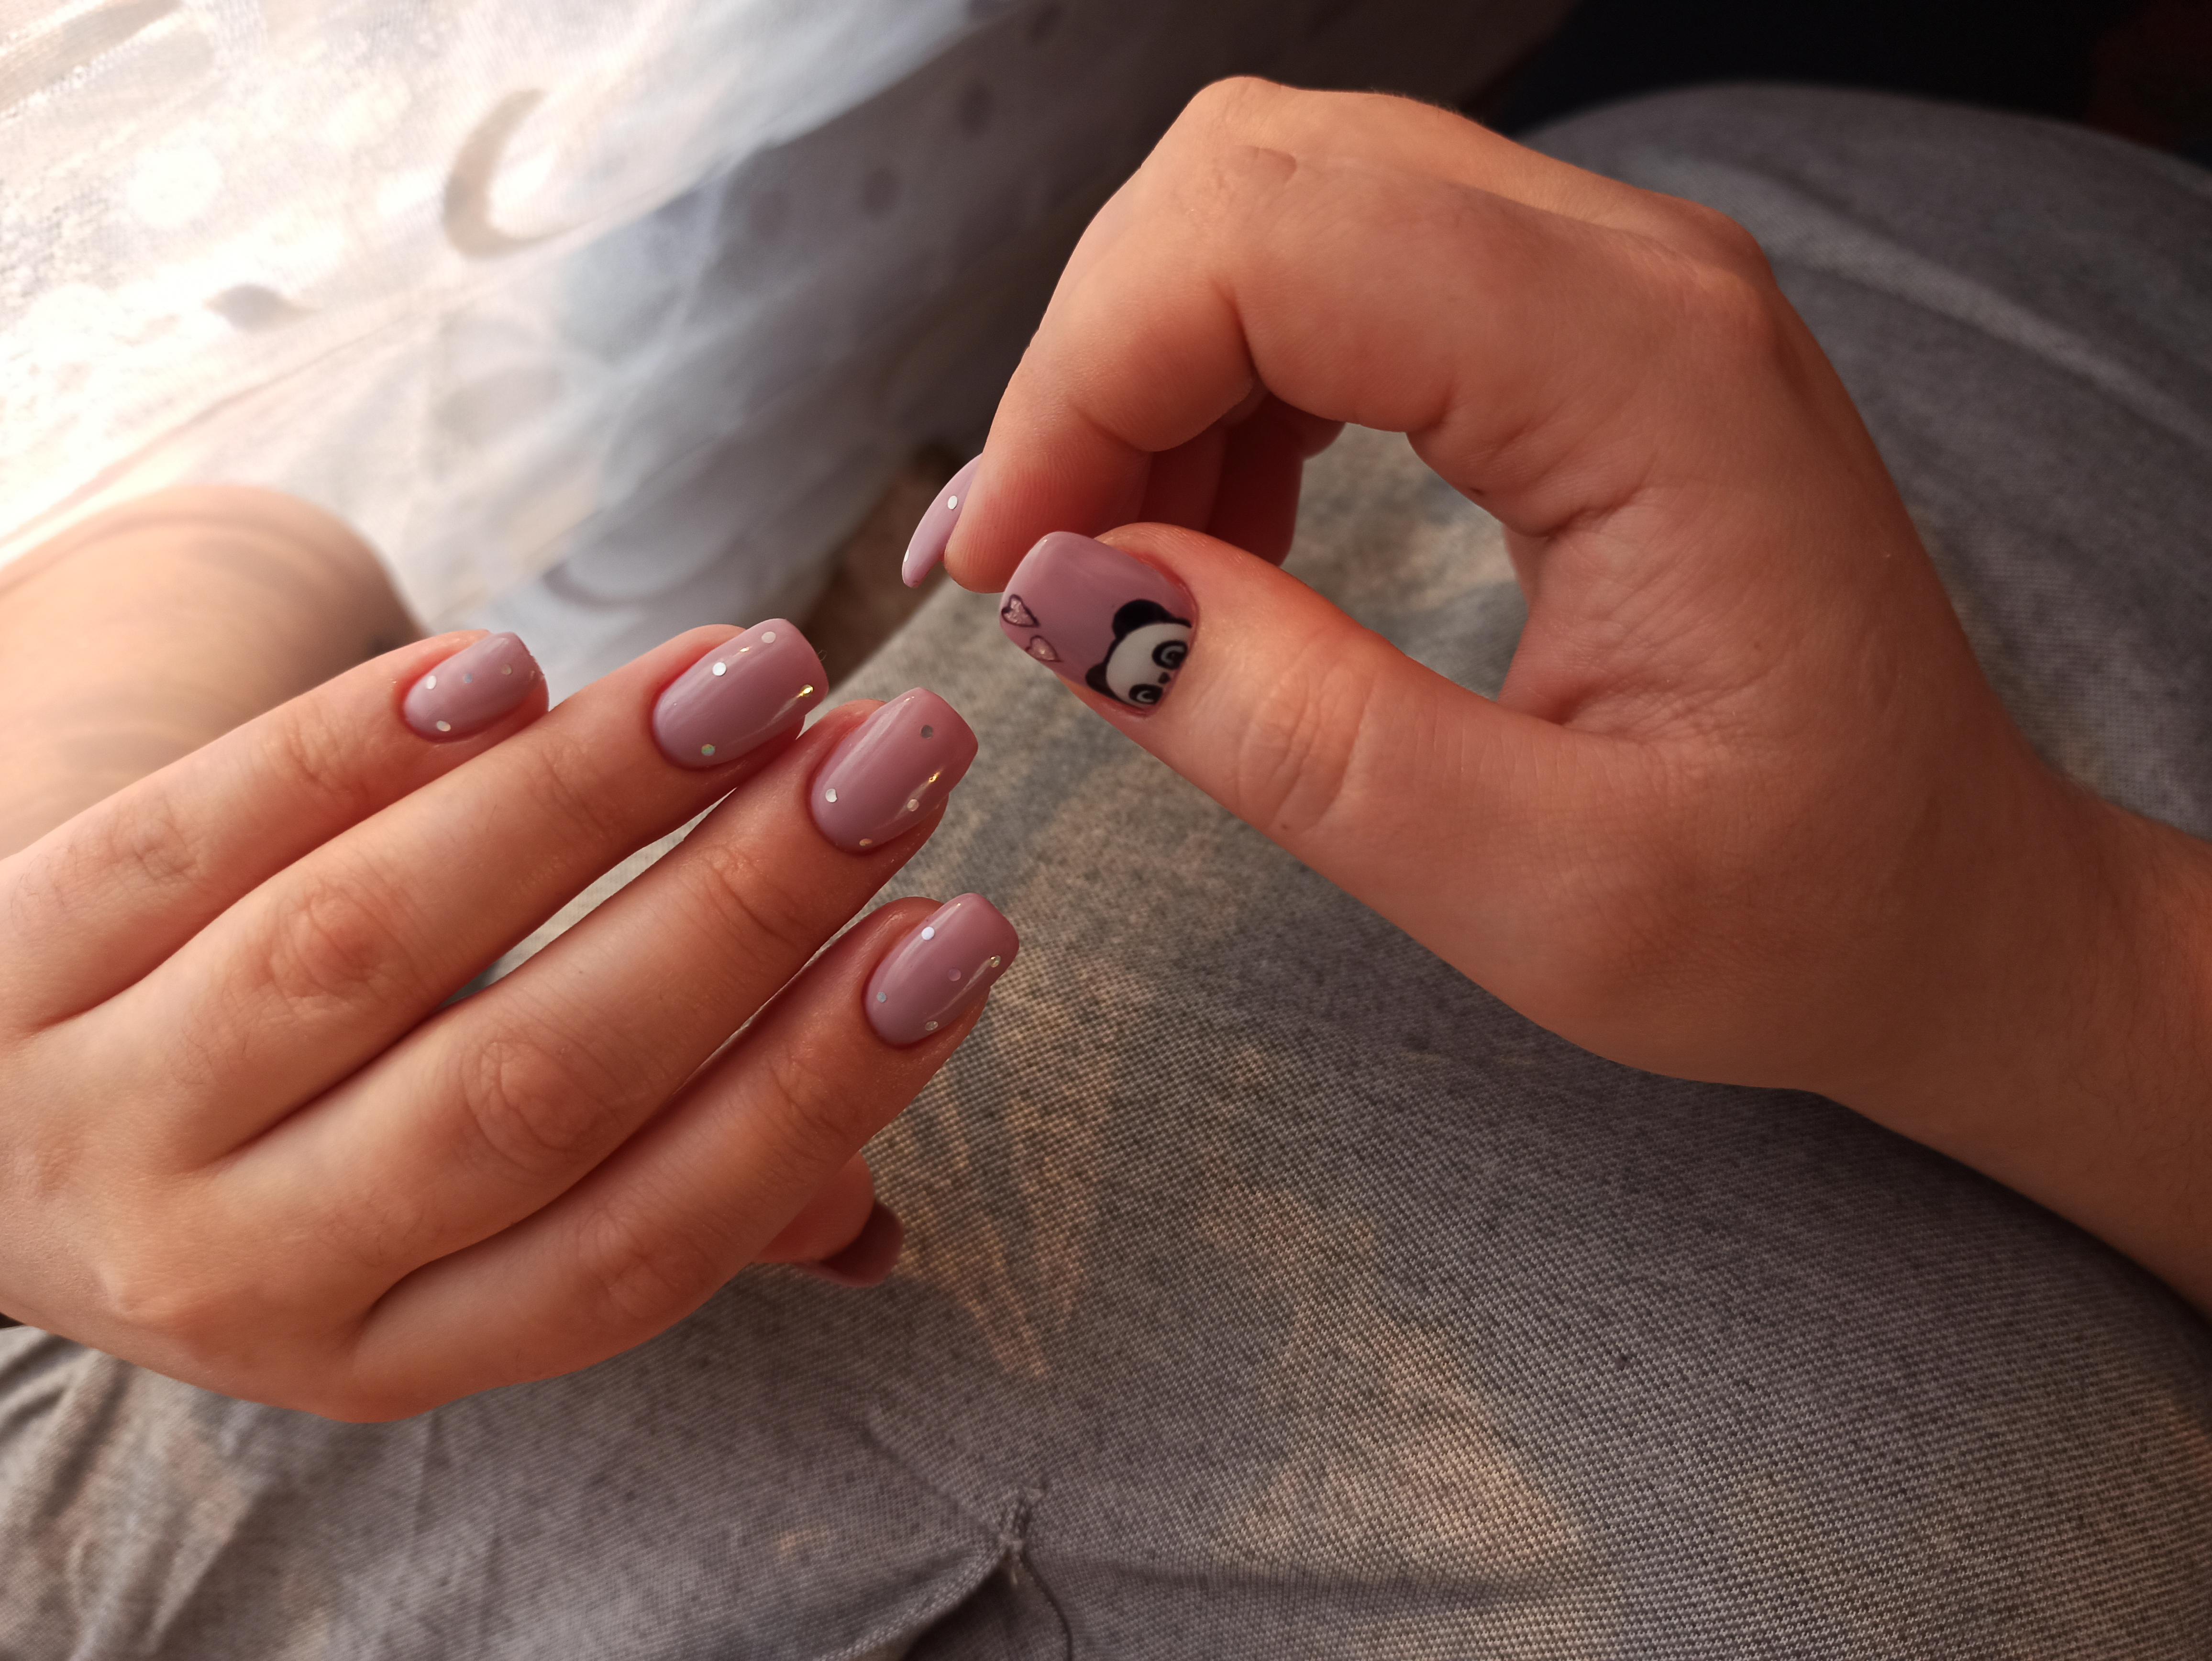 Маникюр с пандой и камифубуки в сиреневом цвете на короткие ногти.